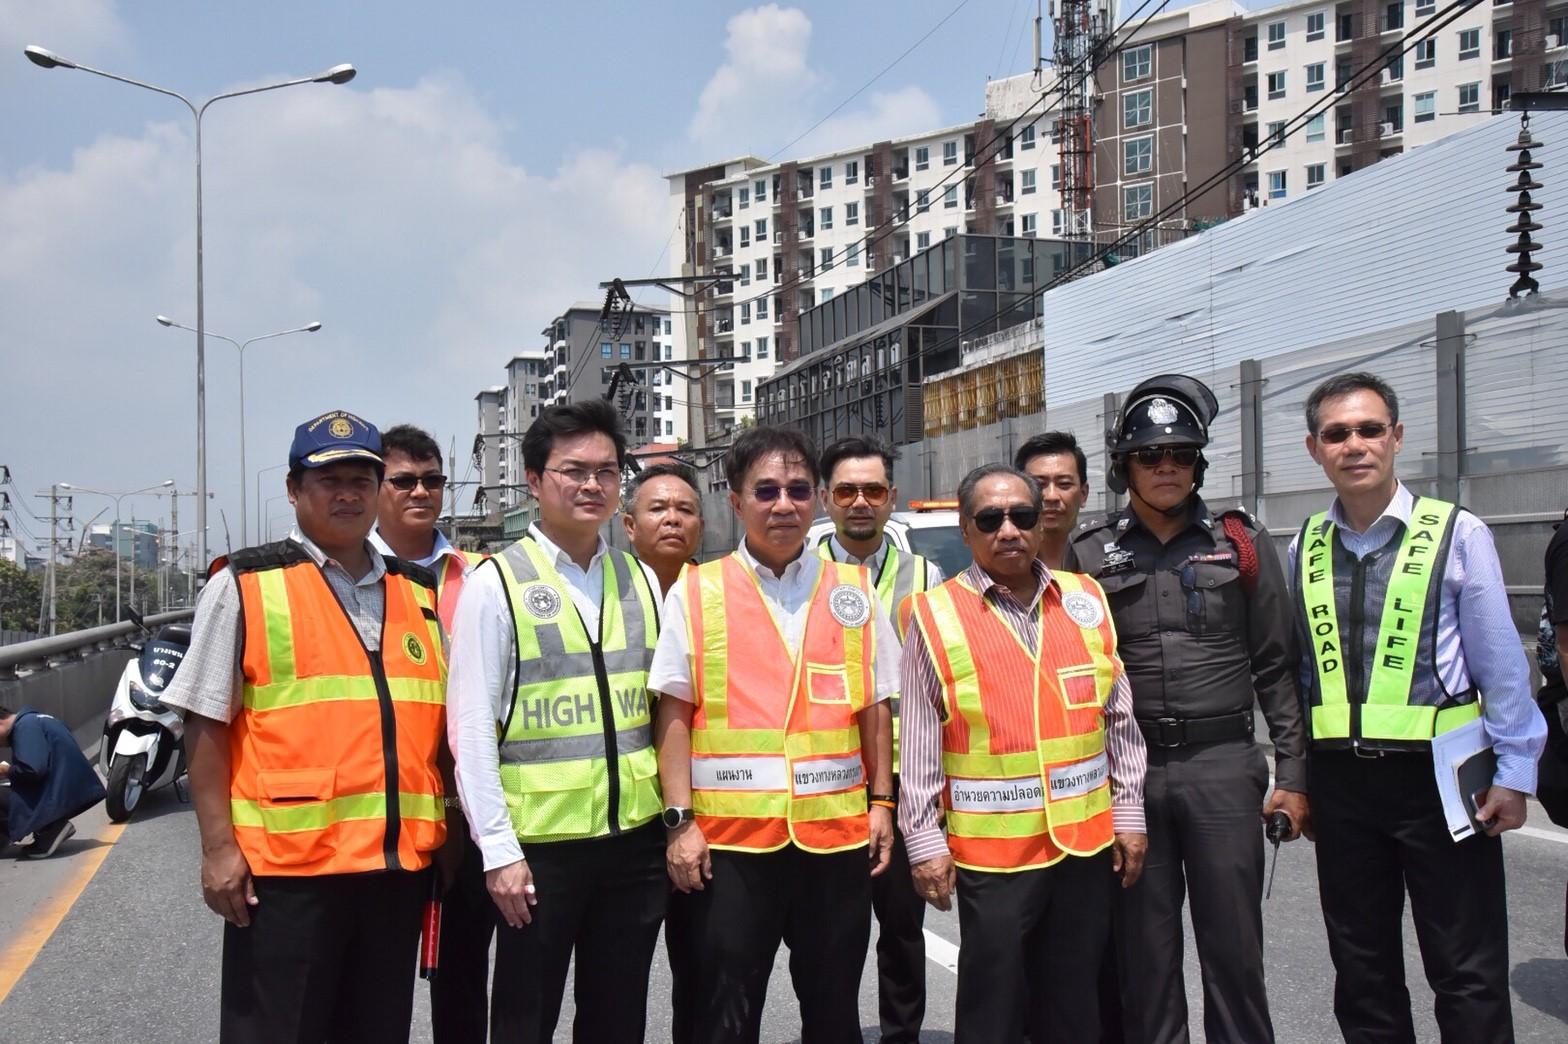 วิศวกรรมสถานฯ ร่วมกับ สำนักงานทางหลวงที่ 13  ตรวจสอบรอยแยกที่เกิดขึ้นบริเวณ ช่วงกลางสะพานข้ามวงเวียนหลักสี่